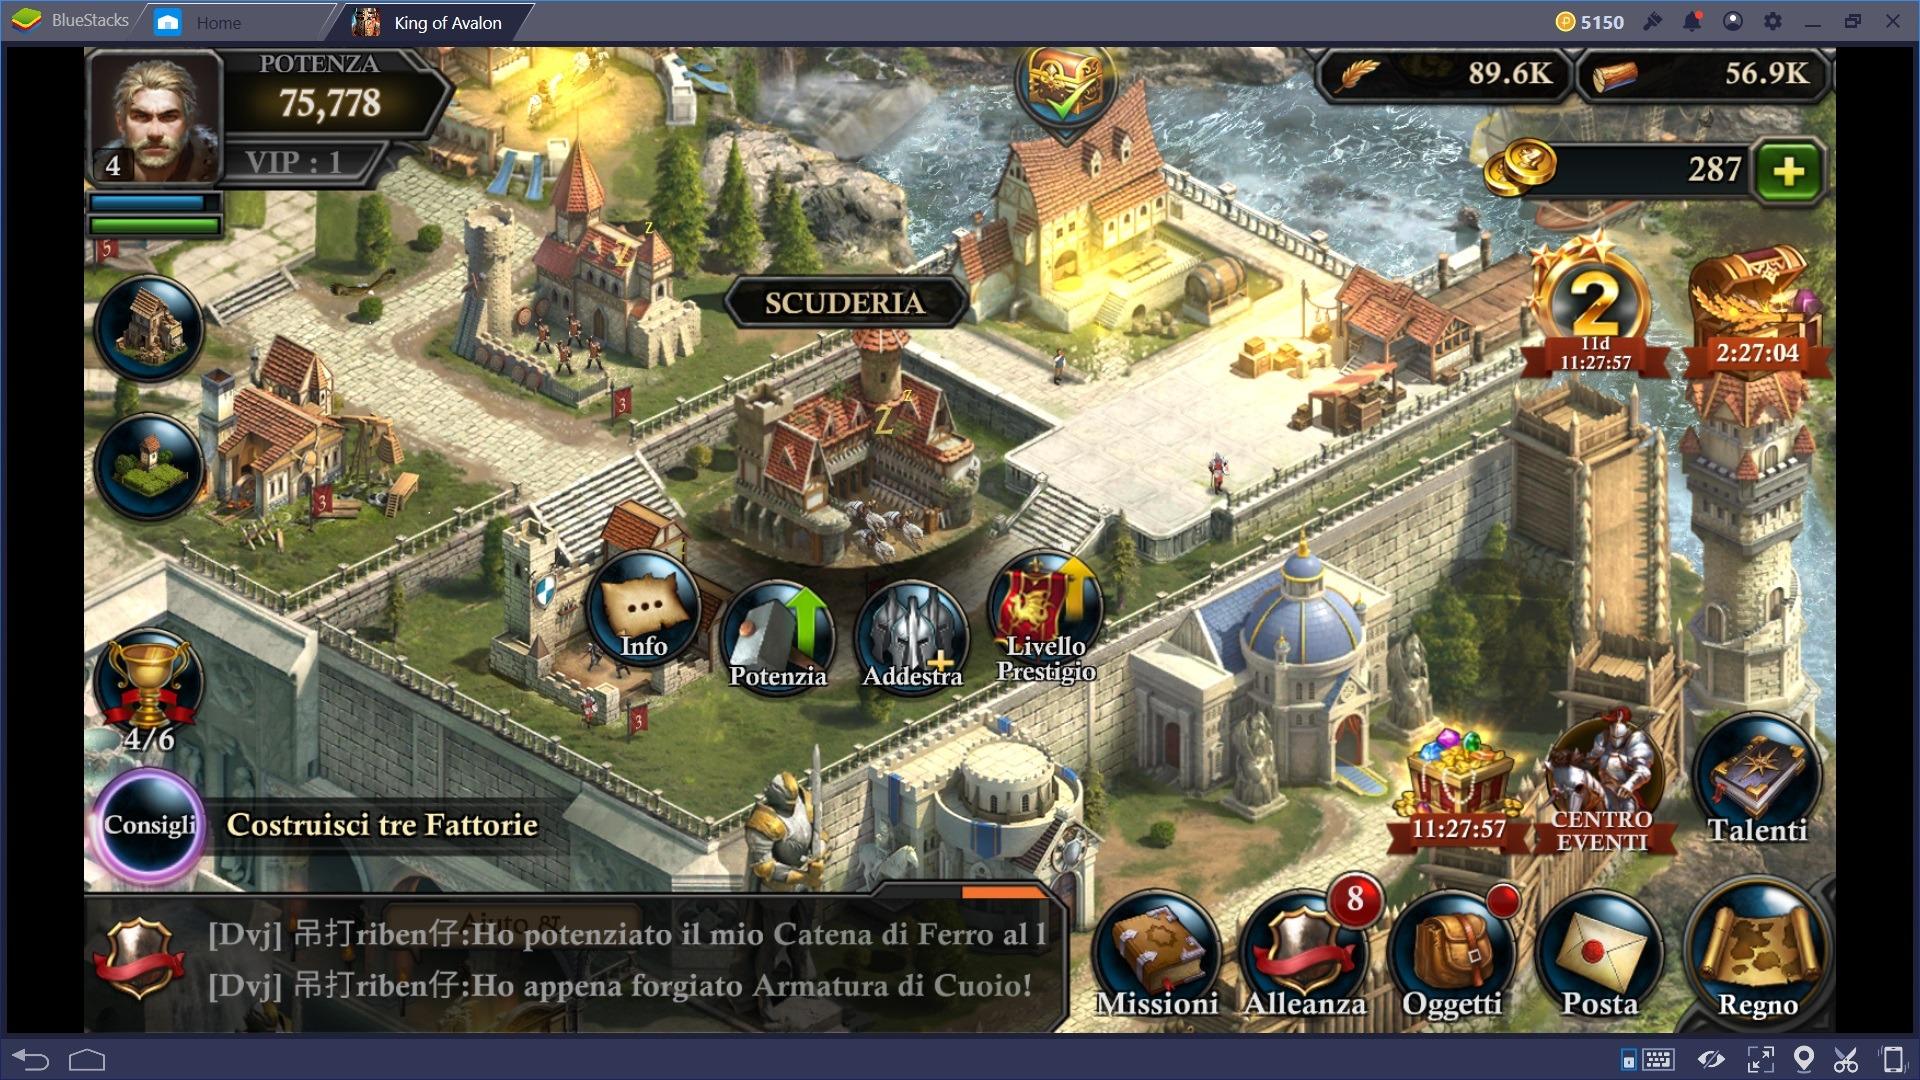 King of Avalon: guida agli edifici